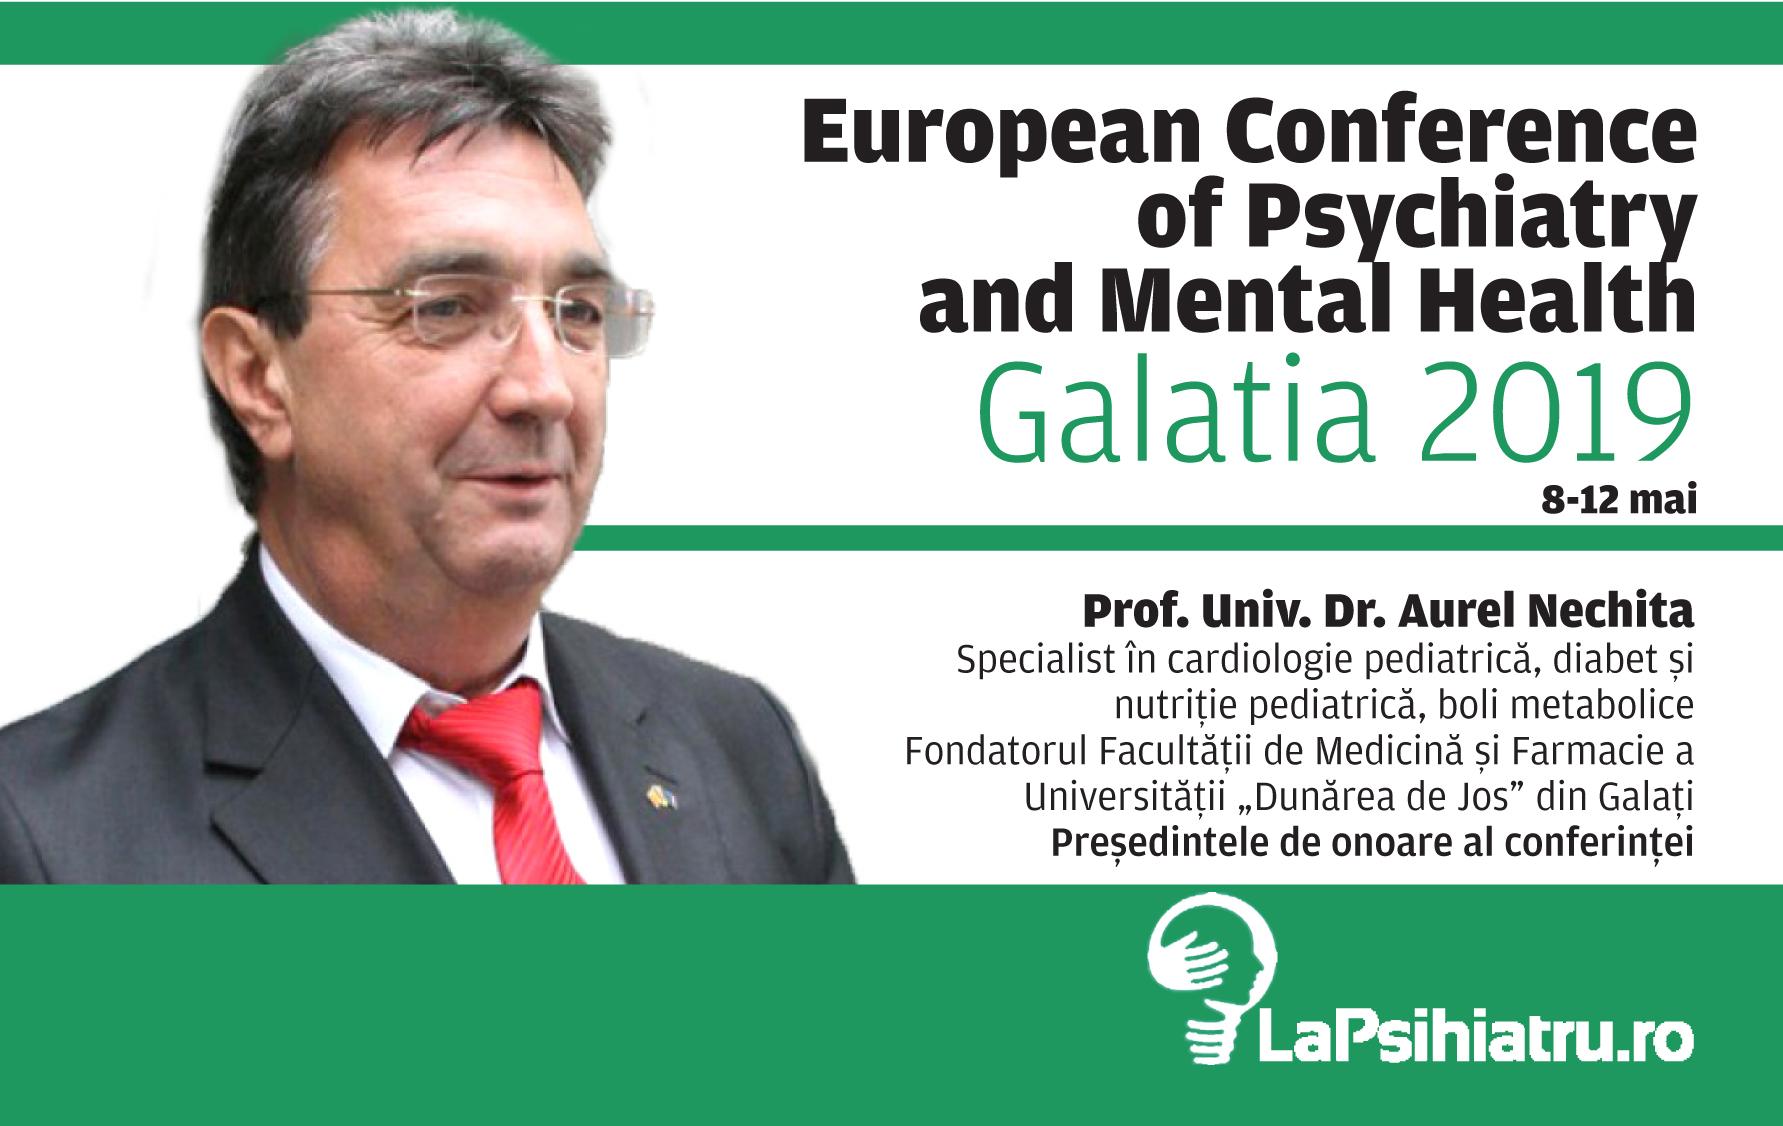 """Prof. Univ. Dr. Aurel Nechita: """"Indiferent cu ce funcţii aş fi investit, nu aş renunţa pentru nimic în lume la medicină"""""""